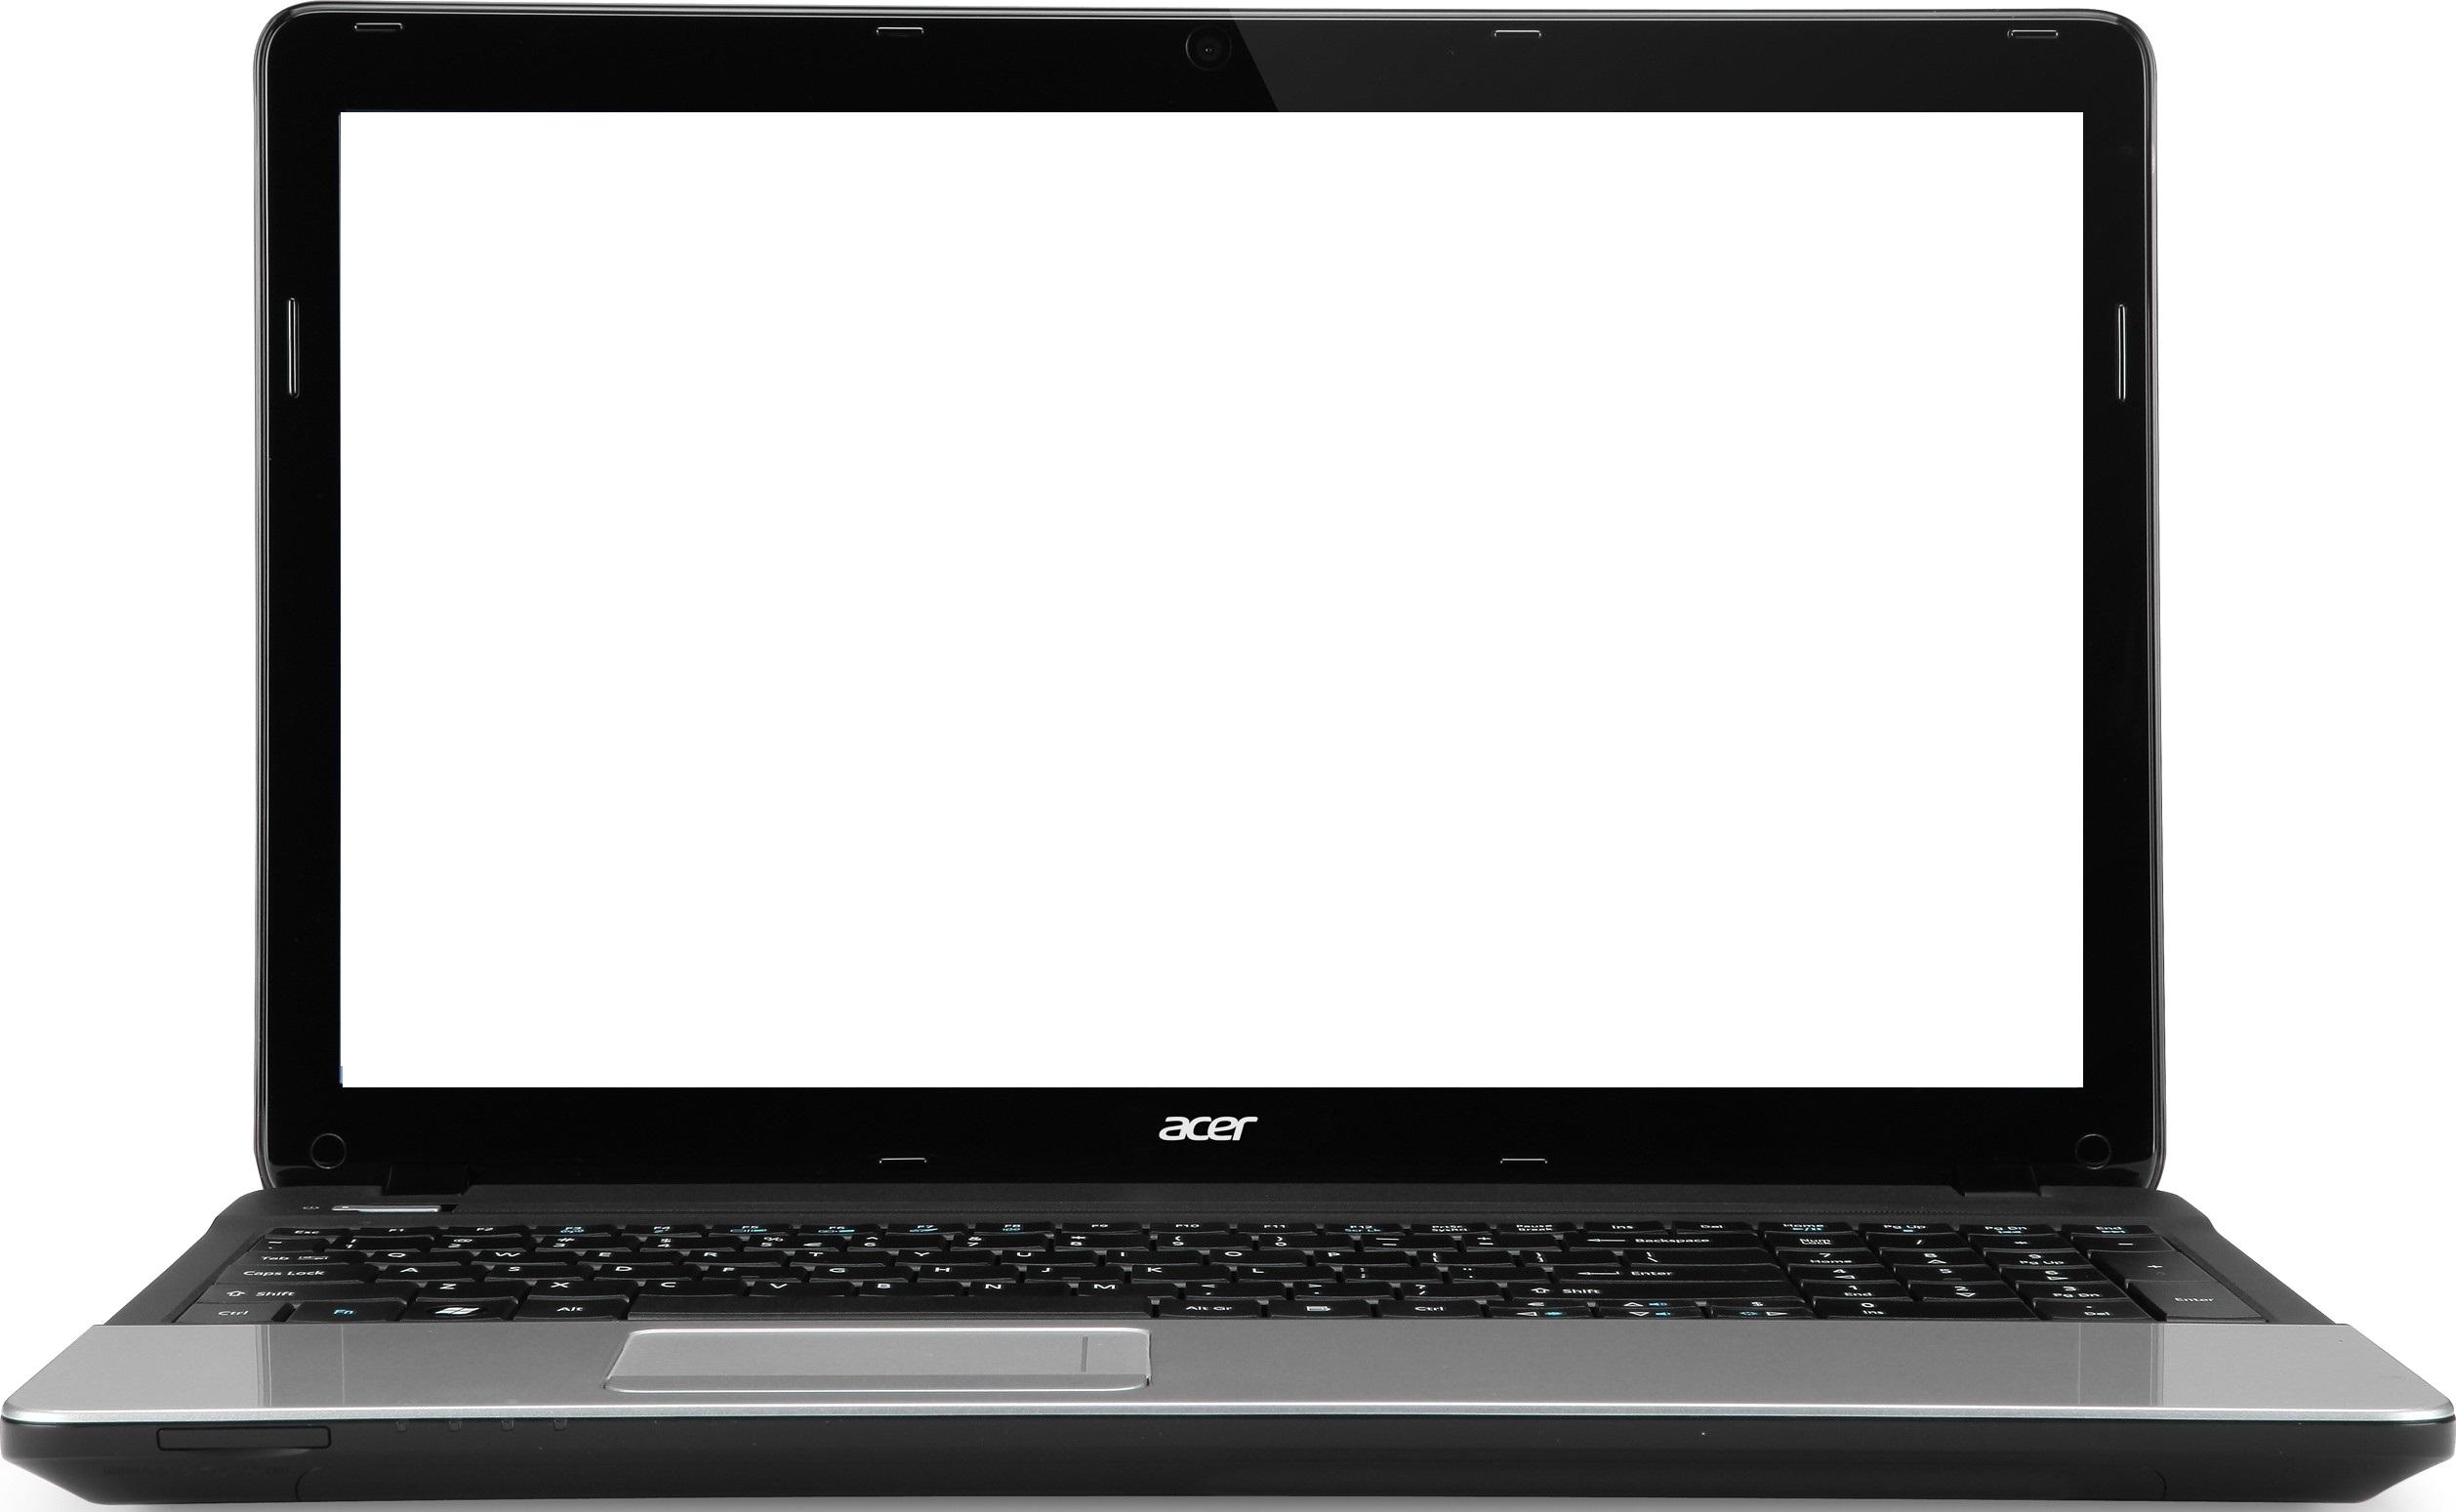 Laptop PNG HD - 143659